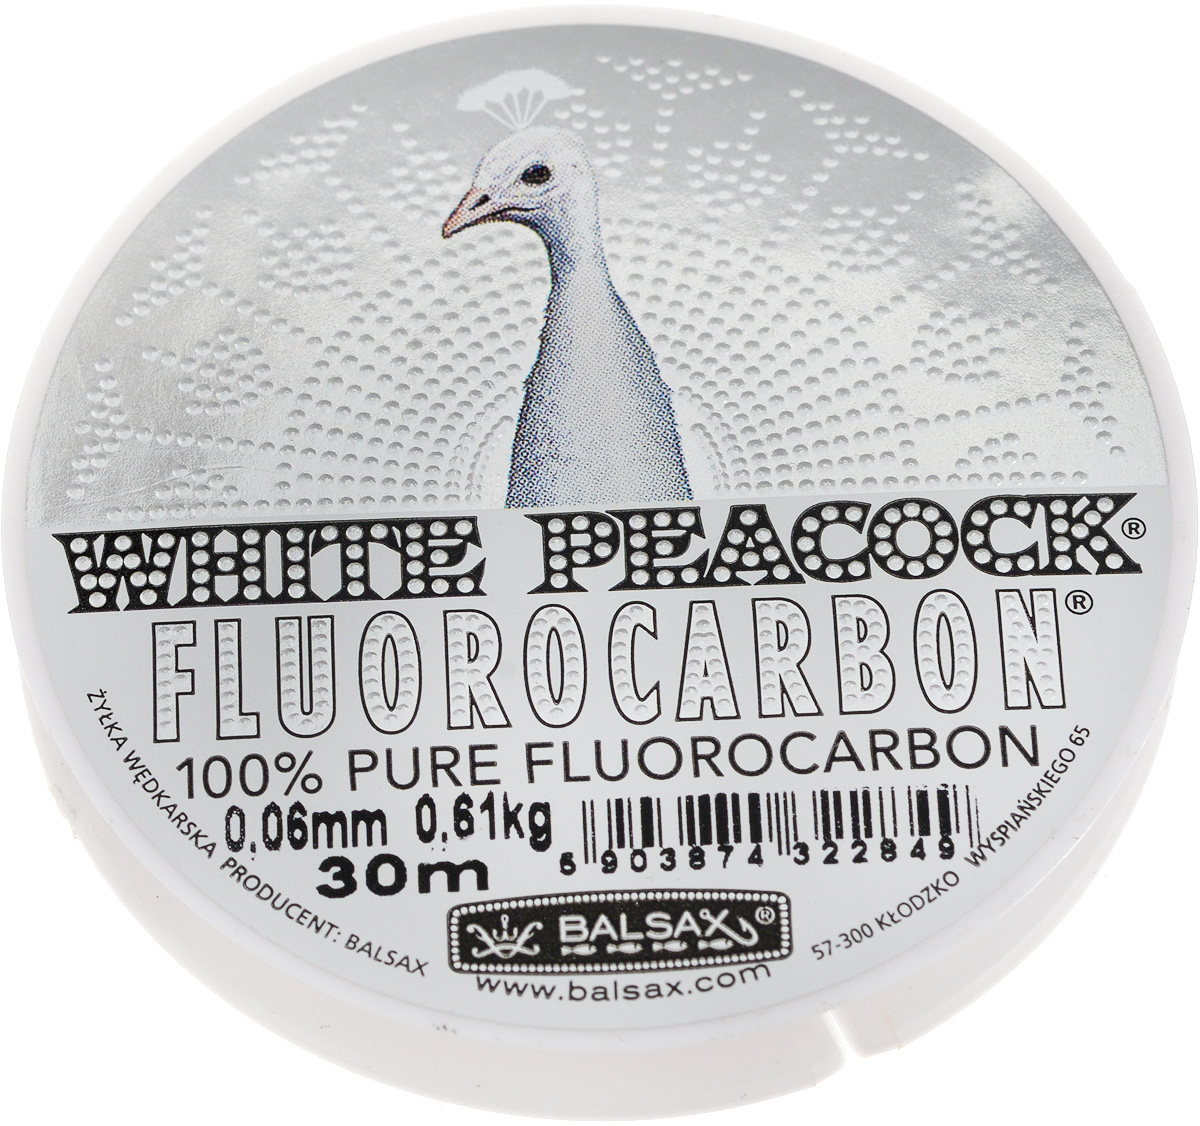 Леска флюорокарбоновая Balsax White Peacock, 30 м, 0,06 мм, 0,61 кг4271825Флюорокарбоновая леска Balsax White Peacock становится абсолютно невидимой в воде. Обычные лески отражают световые лучи, поэтому рыбы их обнаруживают. Флюорокарбон имеет приближенный к воде коэффициент преломления, поэтому пропускает сквозь себя свет, не давая отражений. Рыбы не видят флюорокарбон. Многие рыболовы во всем мире используют подобные лески в качестве поводковых, благодаря чему получают более лучшие результаты.Флюорокарбон на 50% тяжелее обычных лесок и на 78% тяжелее воды. Понятно, почему этот материал используется для рыболовных лесок, он тонет очень быстро. Флюорокарбон не впитывает воду даже через 100 часов нахождения в ней. Обычные лески впитывают до 10% воды в течение 24 часов, что приводит к потере 5 - 10% прочности. Сопротивляемость флюорокарбона к истиранию значительно больше, чем у обычных лесок. Он выдерживает температуры от -40°C до +160°C.